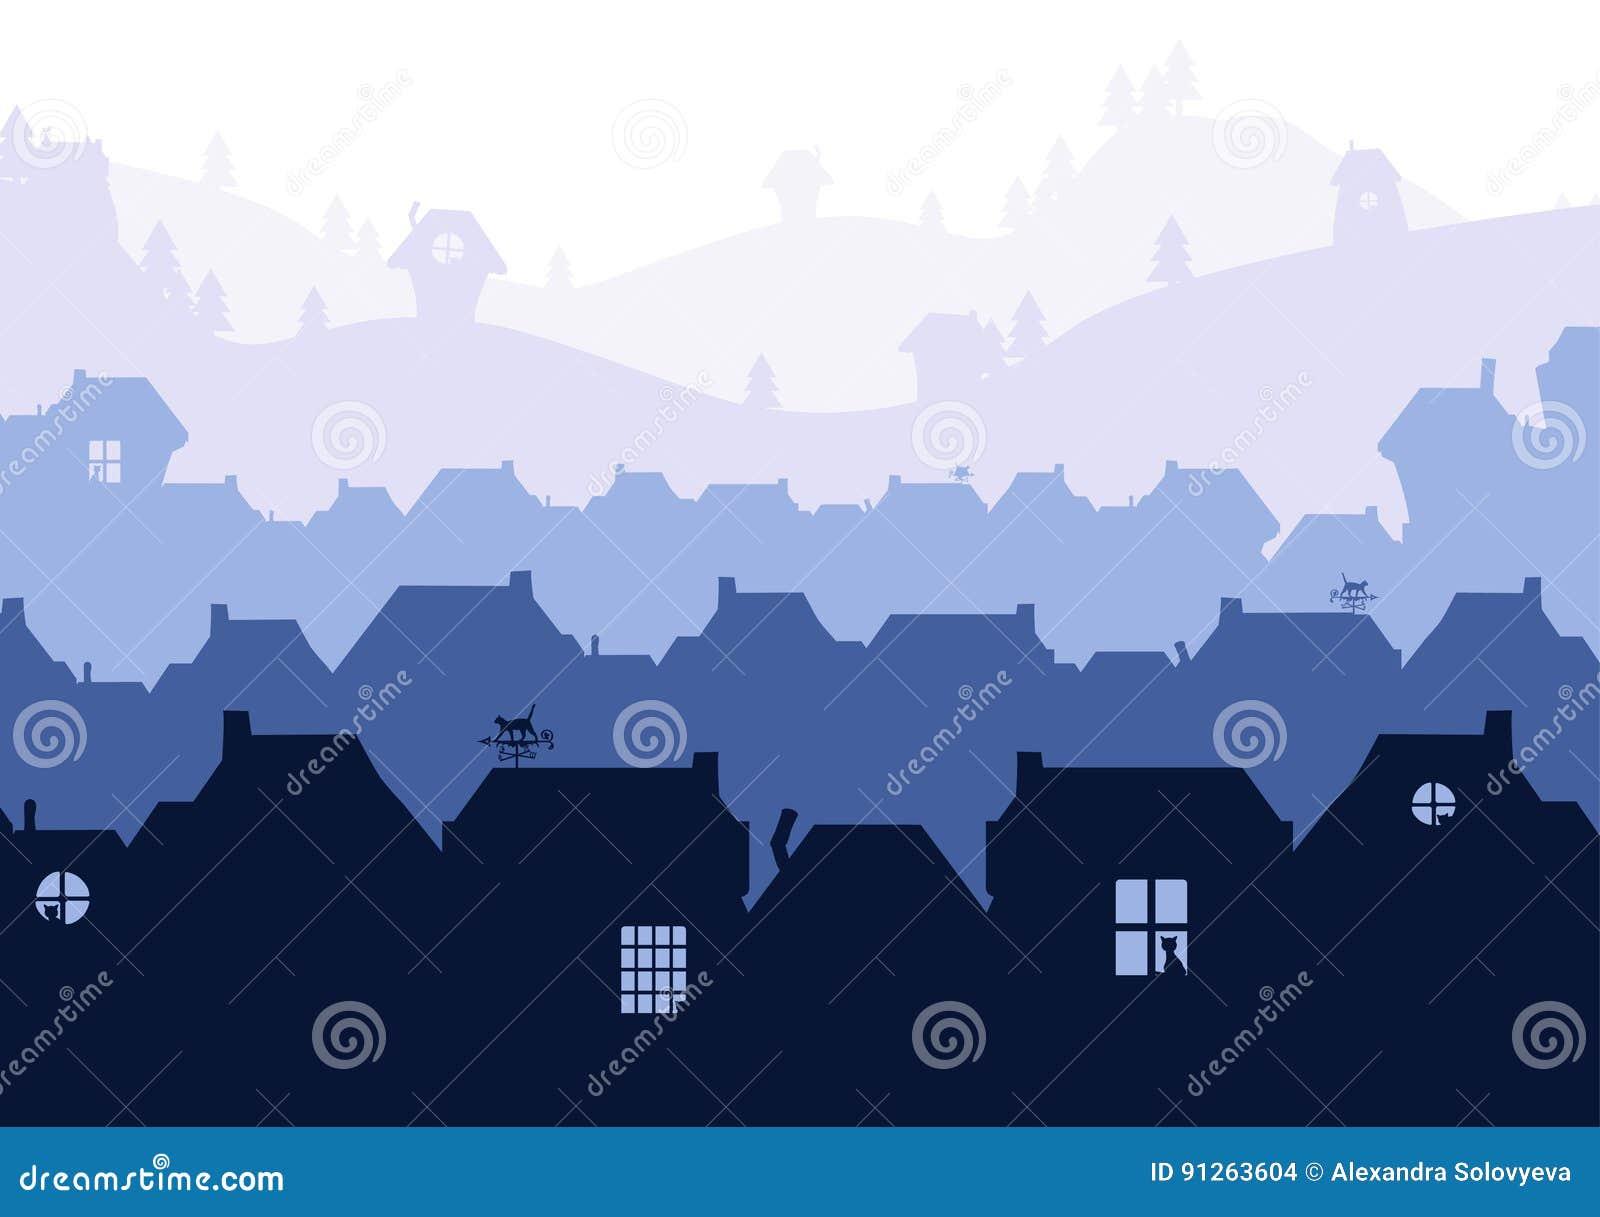 Siluetas de las casas en fondo de descoloramiento del paisaje con las siluetas del gato en aberturas de la ventana